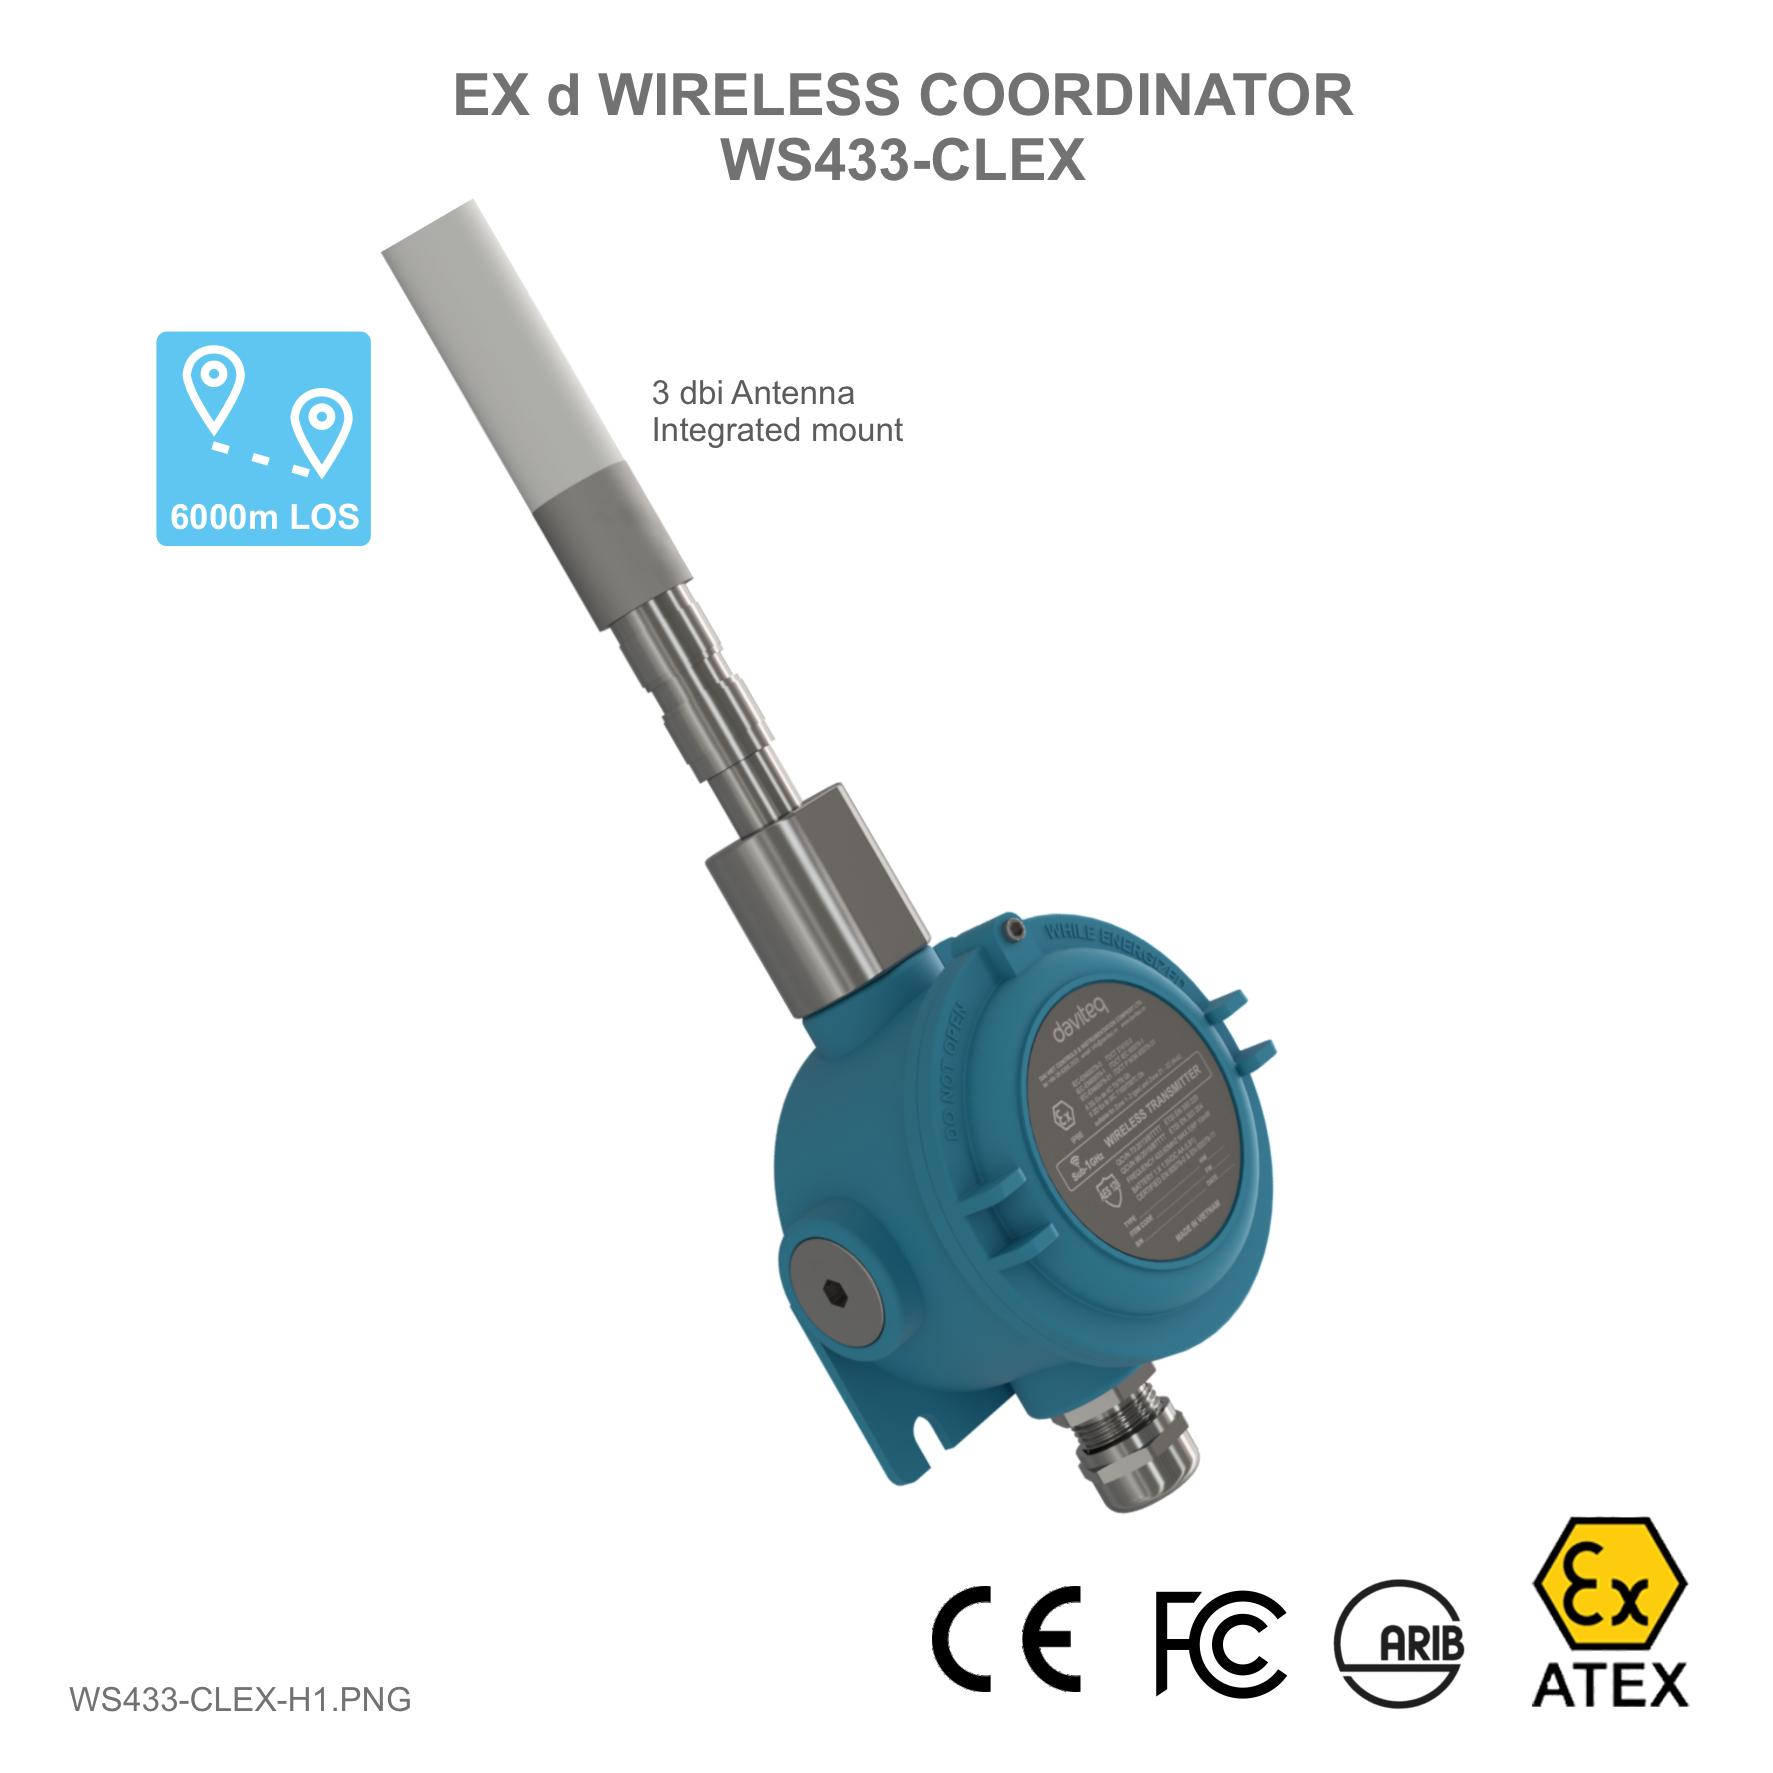 Bộ thu tín hiệu cho cảm biến không dây với chứng nhận phòng nổ Ex